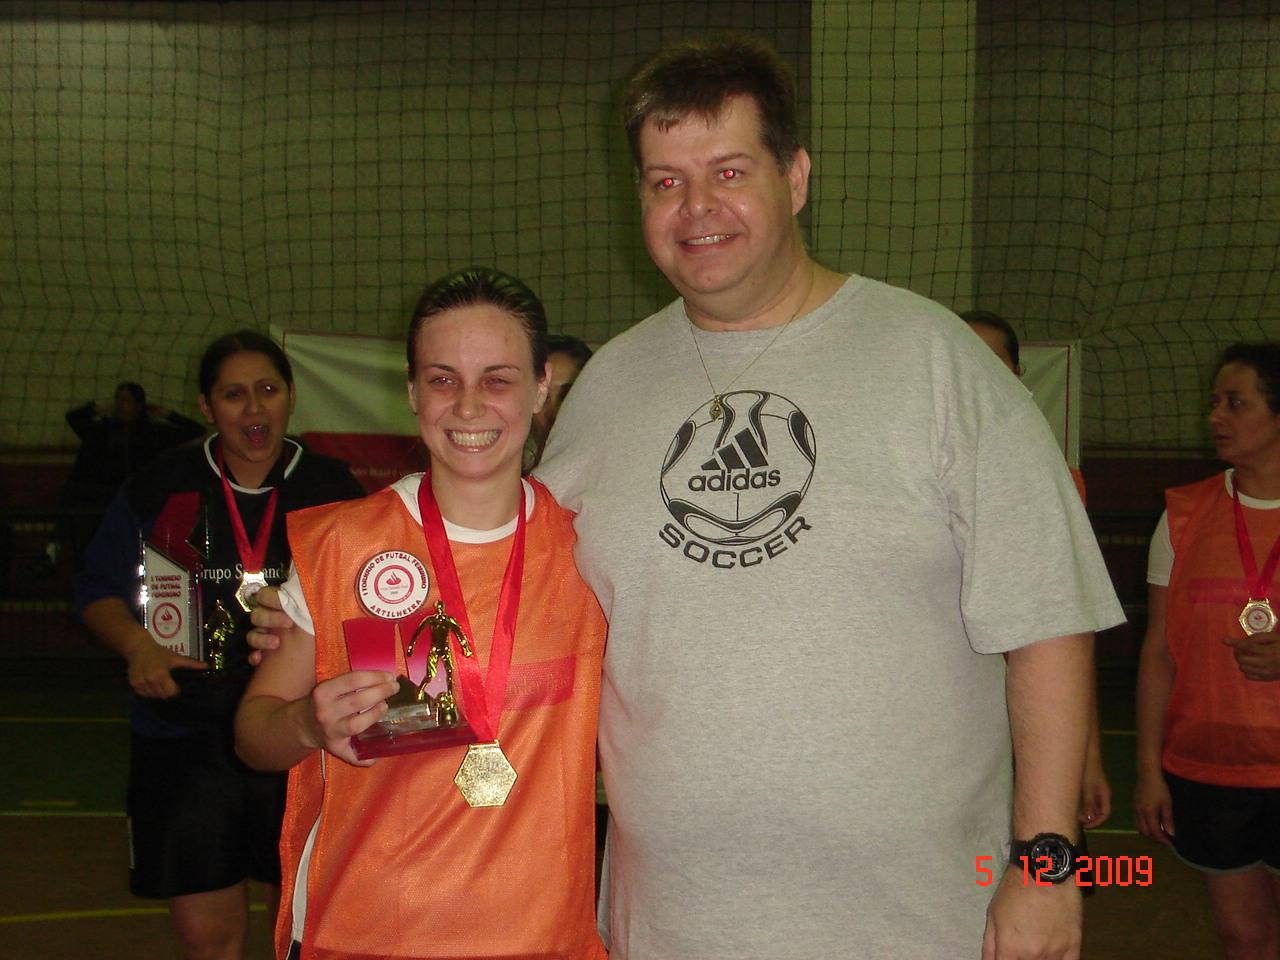 MELHOR GOLEIRA - ELAINE COSTA da equipe Play girls recebendo troféu de Almir da GESTEC